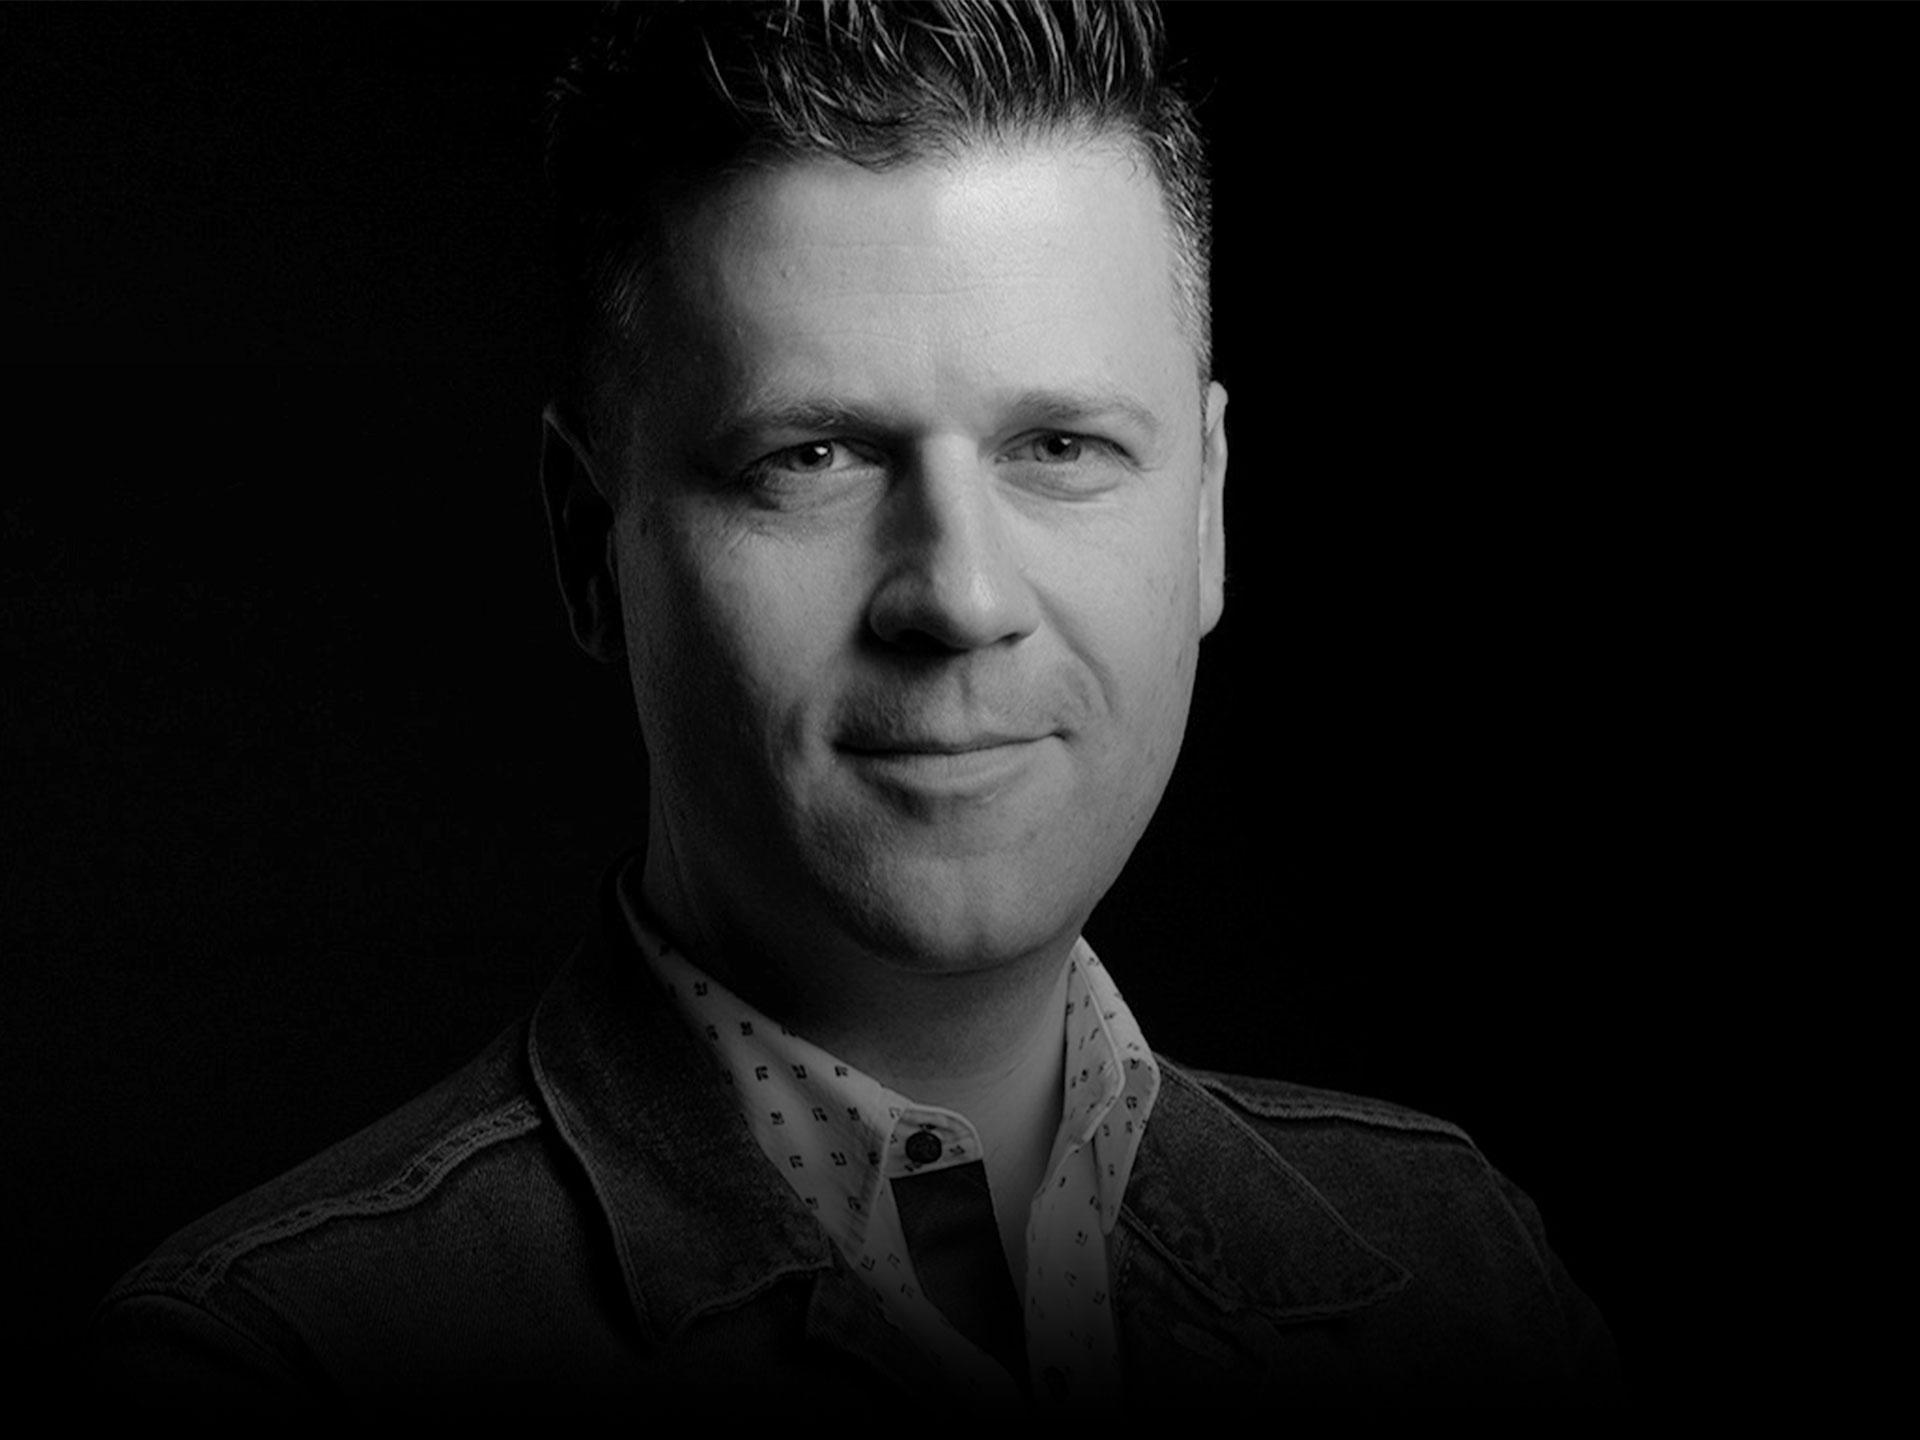 Image of Adam Vadnais